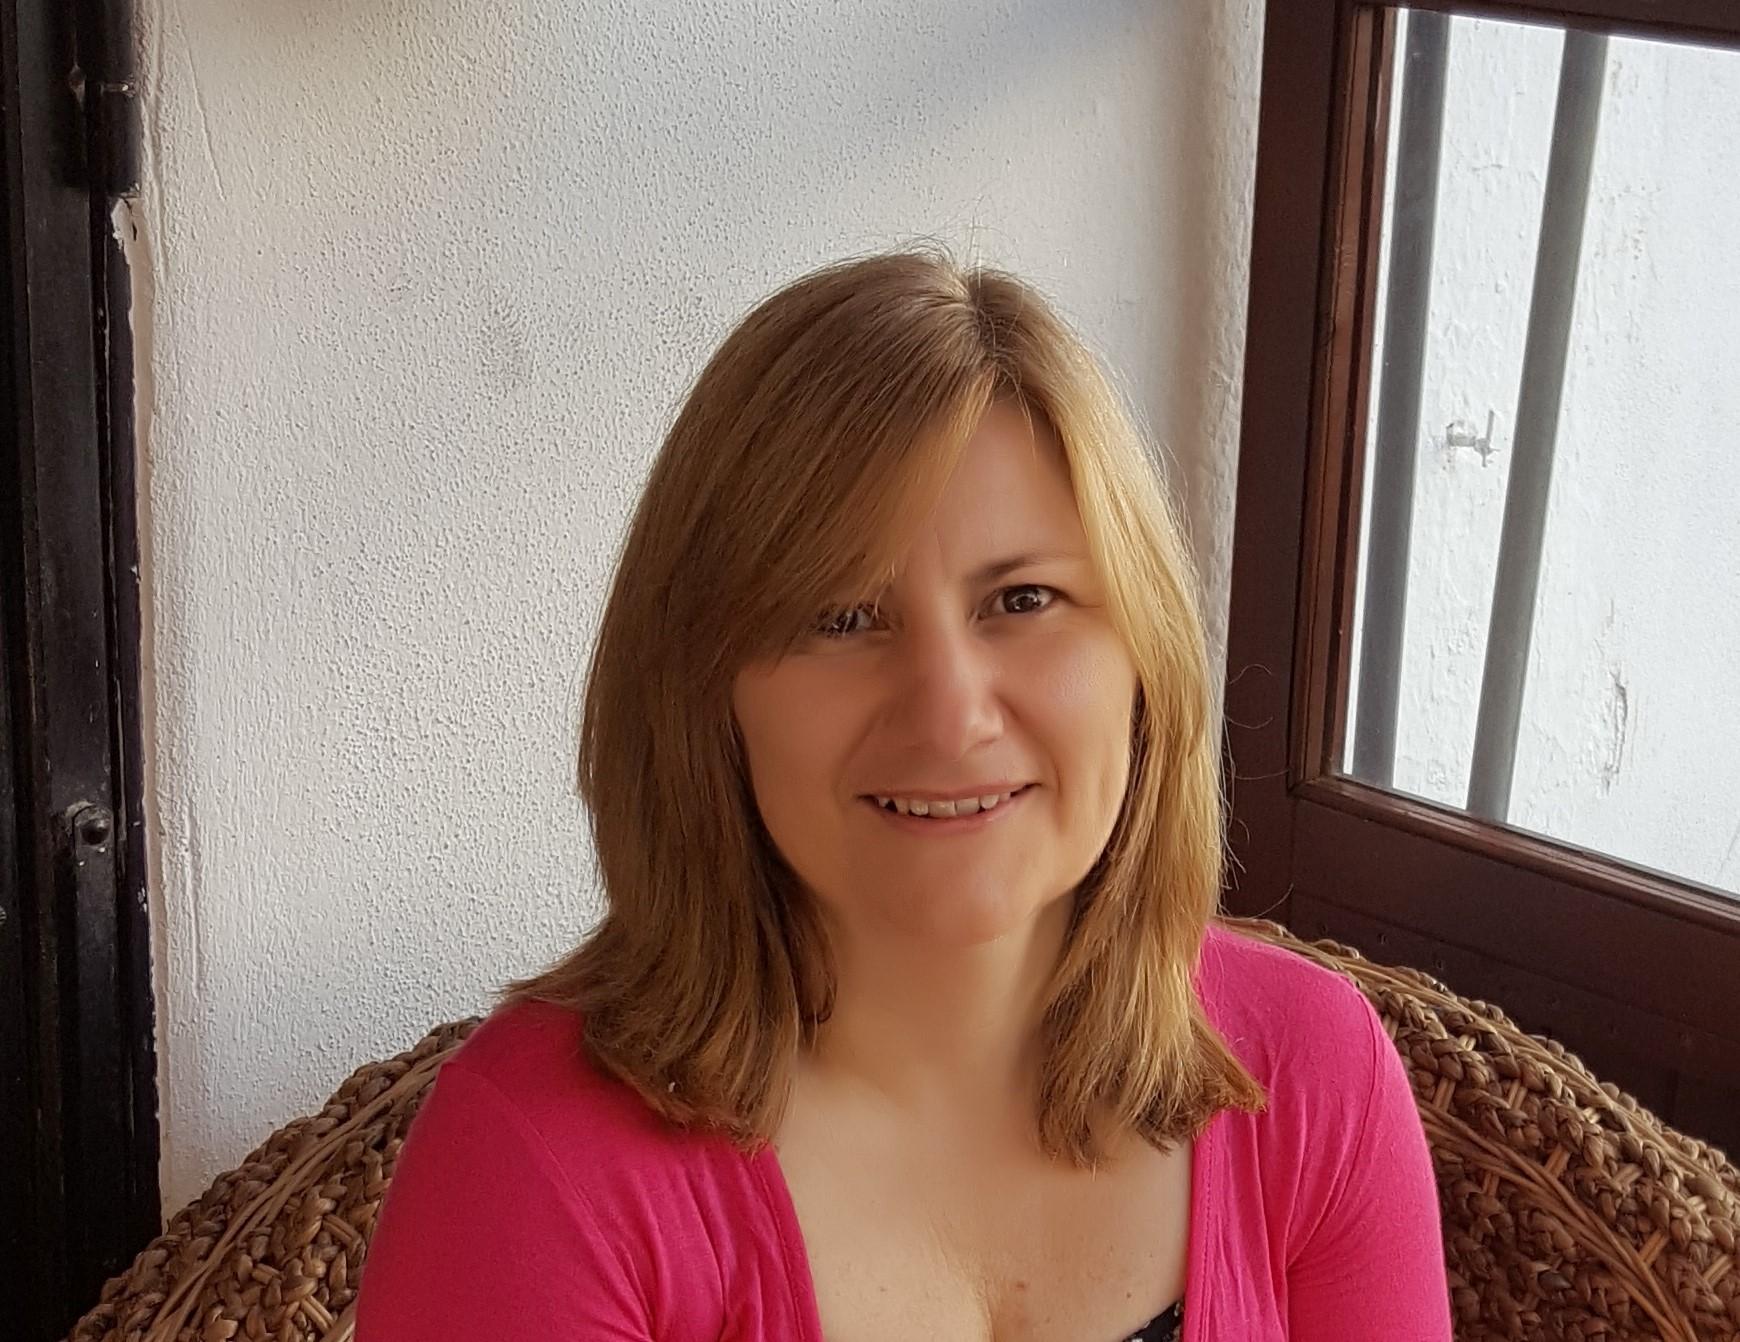 Michelle Silverthorne